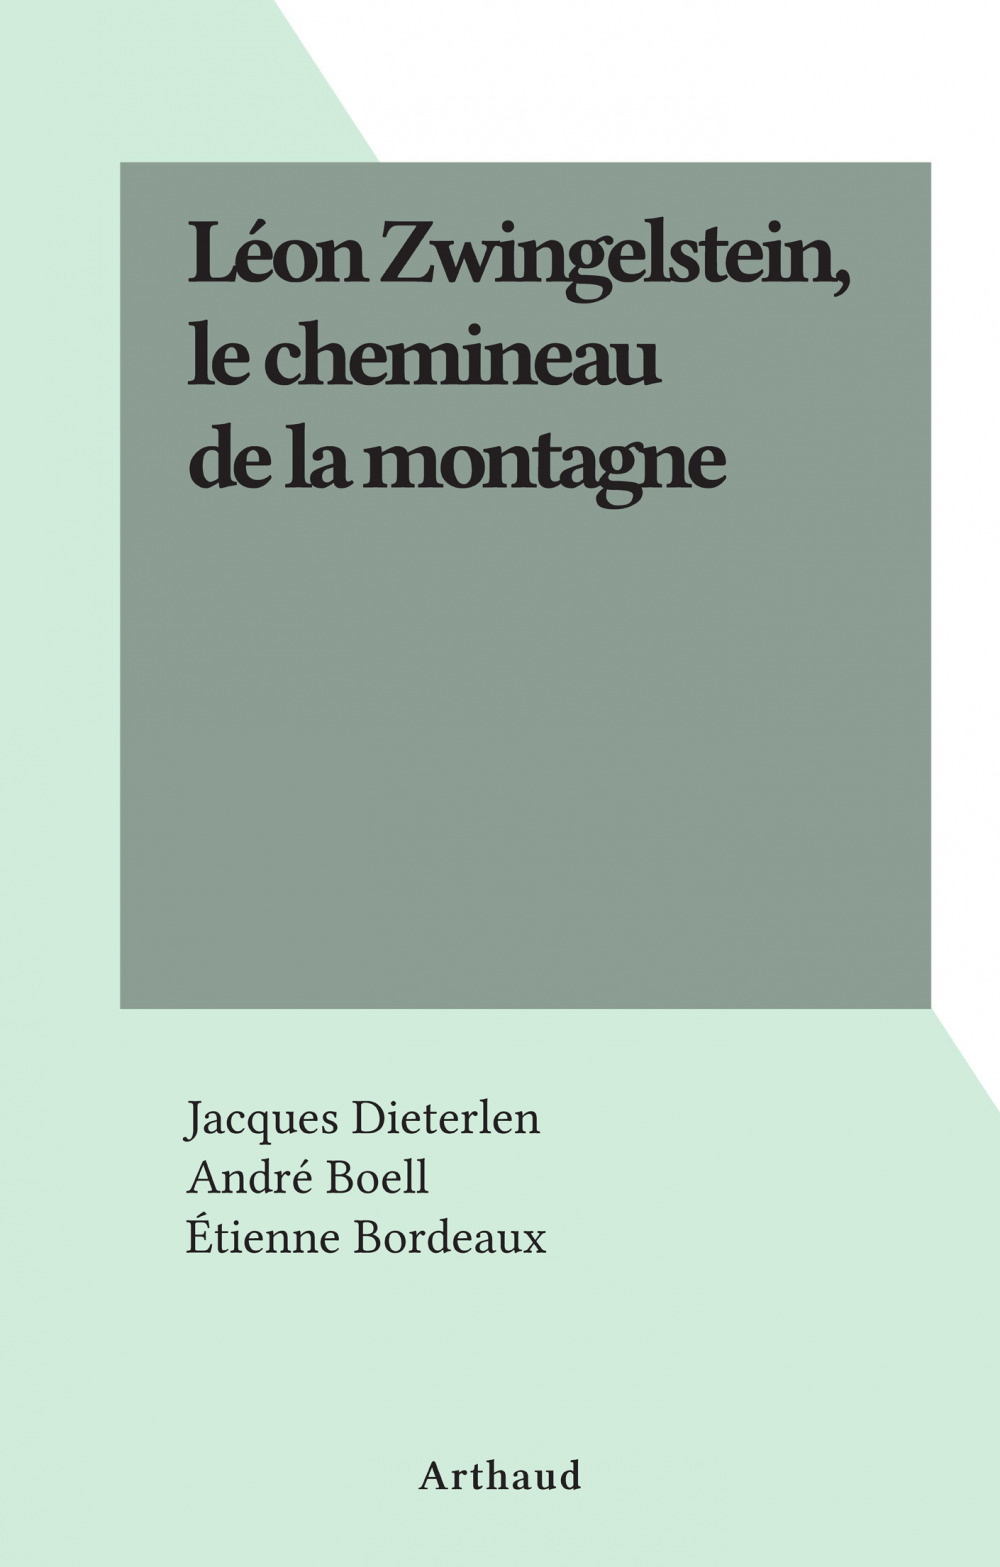 Léon Zwingelstein, le chemineau de la montagne  - Jacques Dieterlen